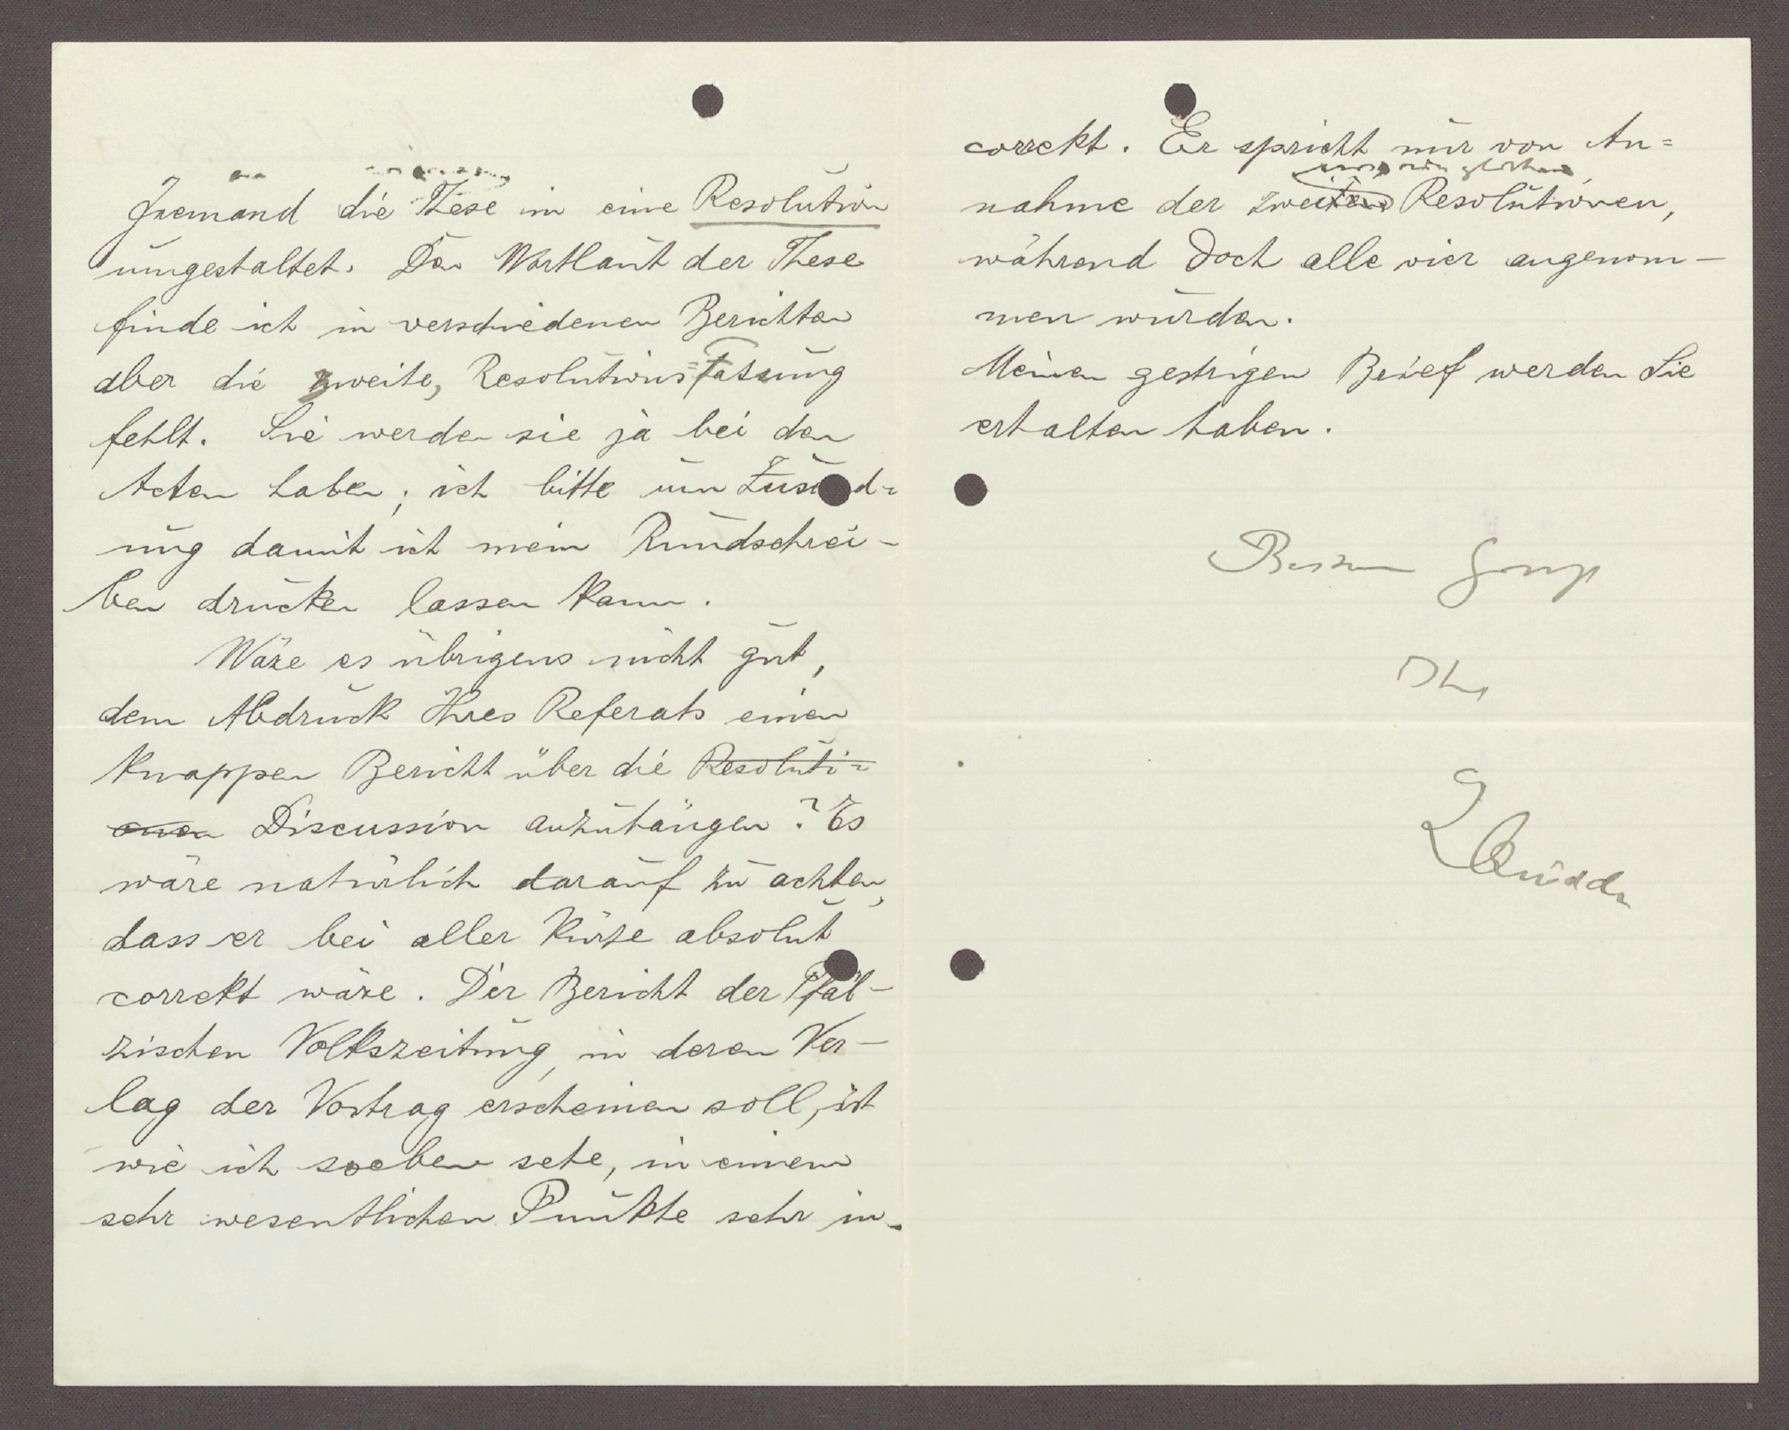 Schreiben von Ludwig Quidde, München, an Hermann Hummel: Beschwerde darüber, dass eine politische Passage in den Thesen von Hummel fehlt, 1 Schreiben, Bild 2